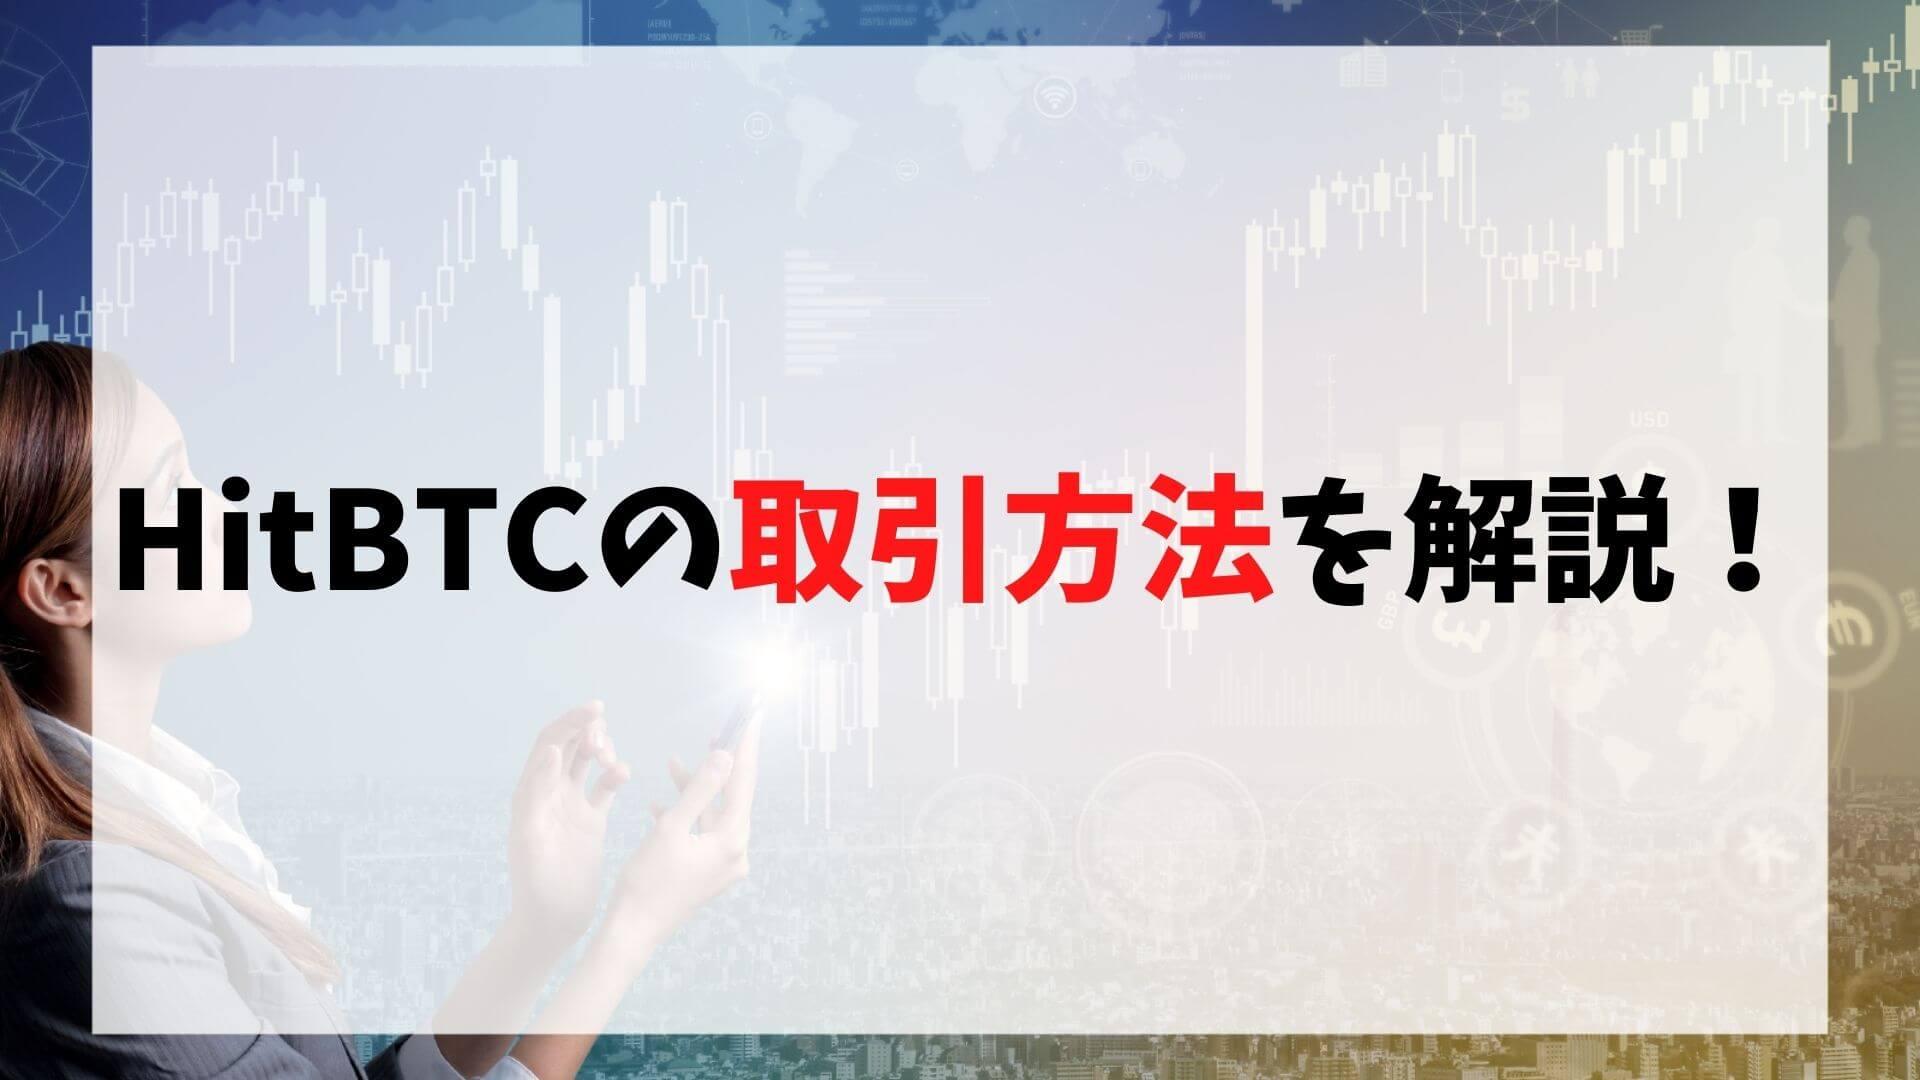 HitBTC(ヒットビ-ティーシー)の使い方